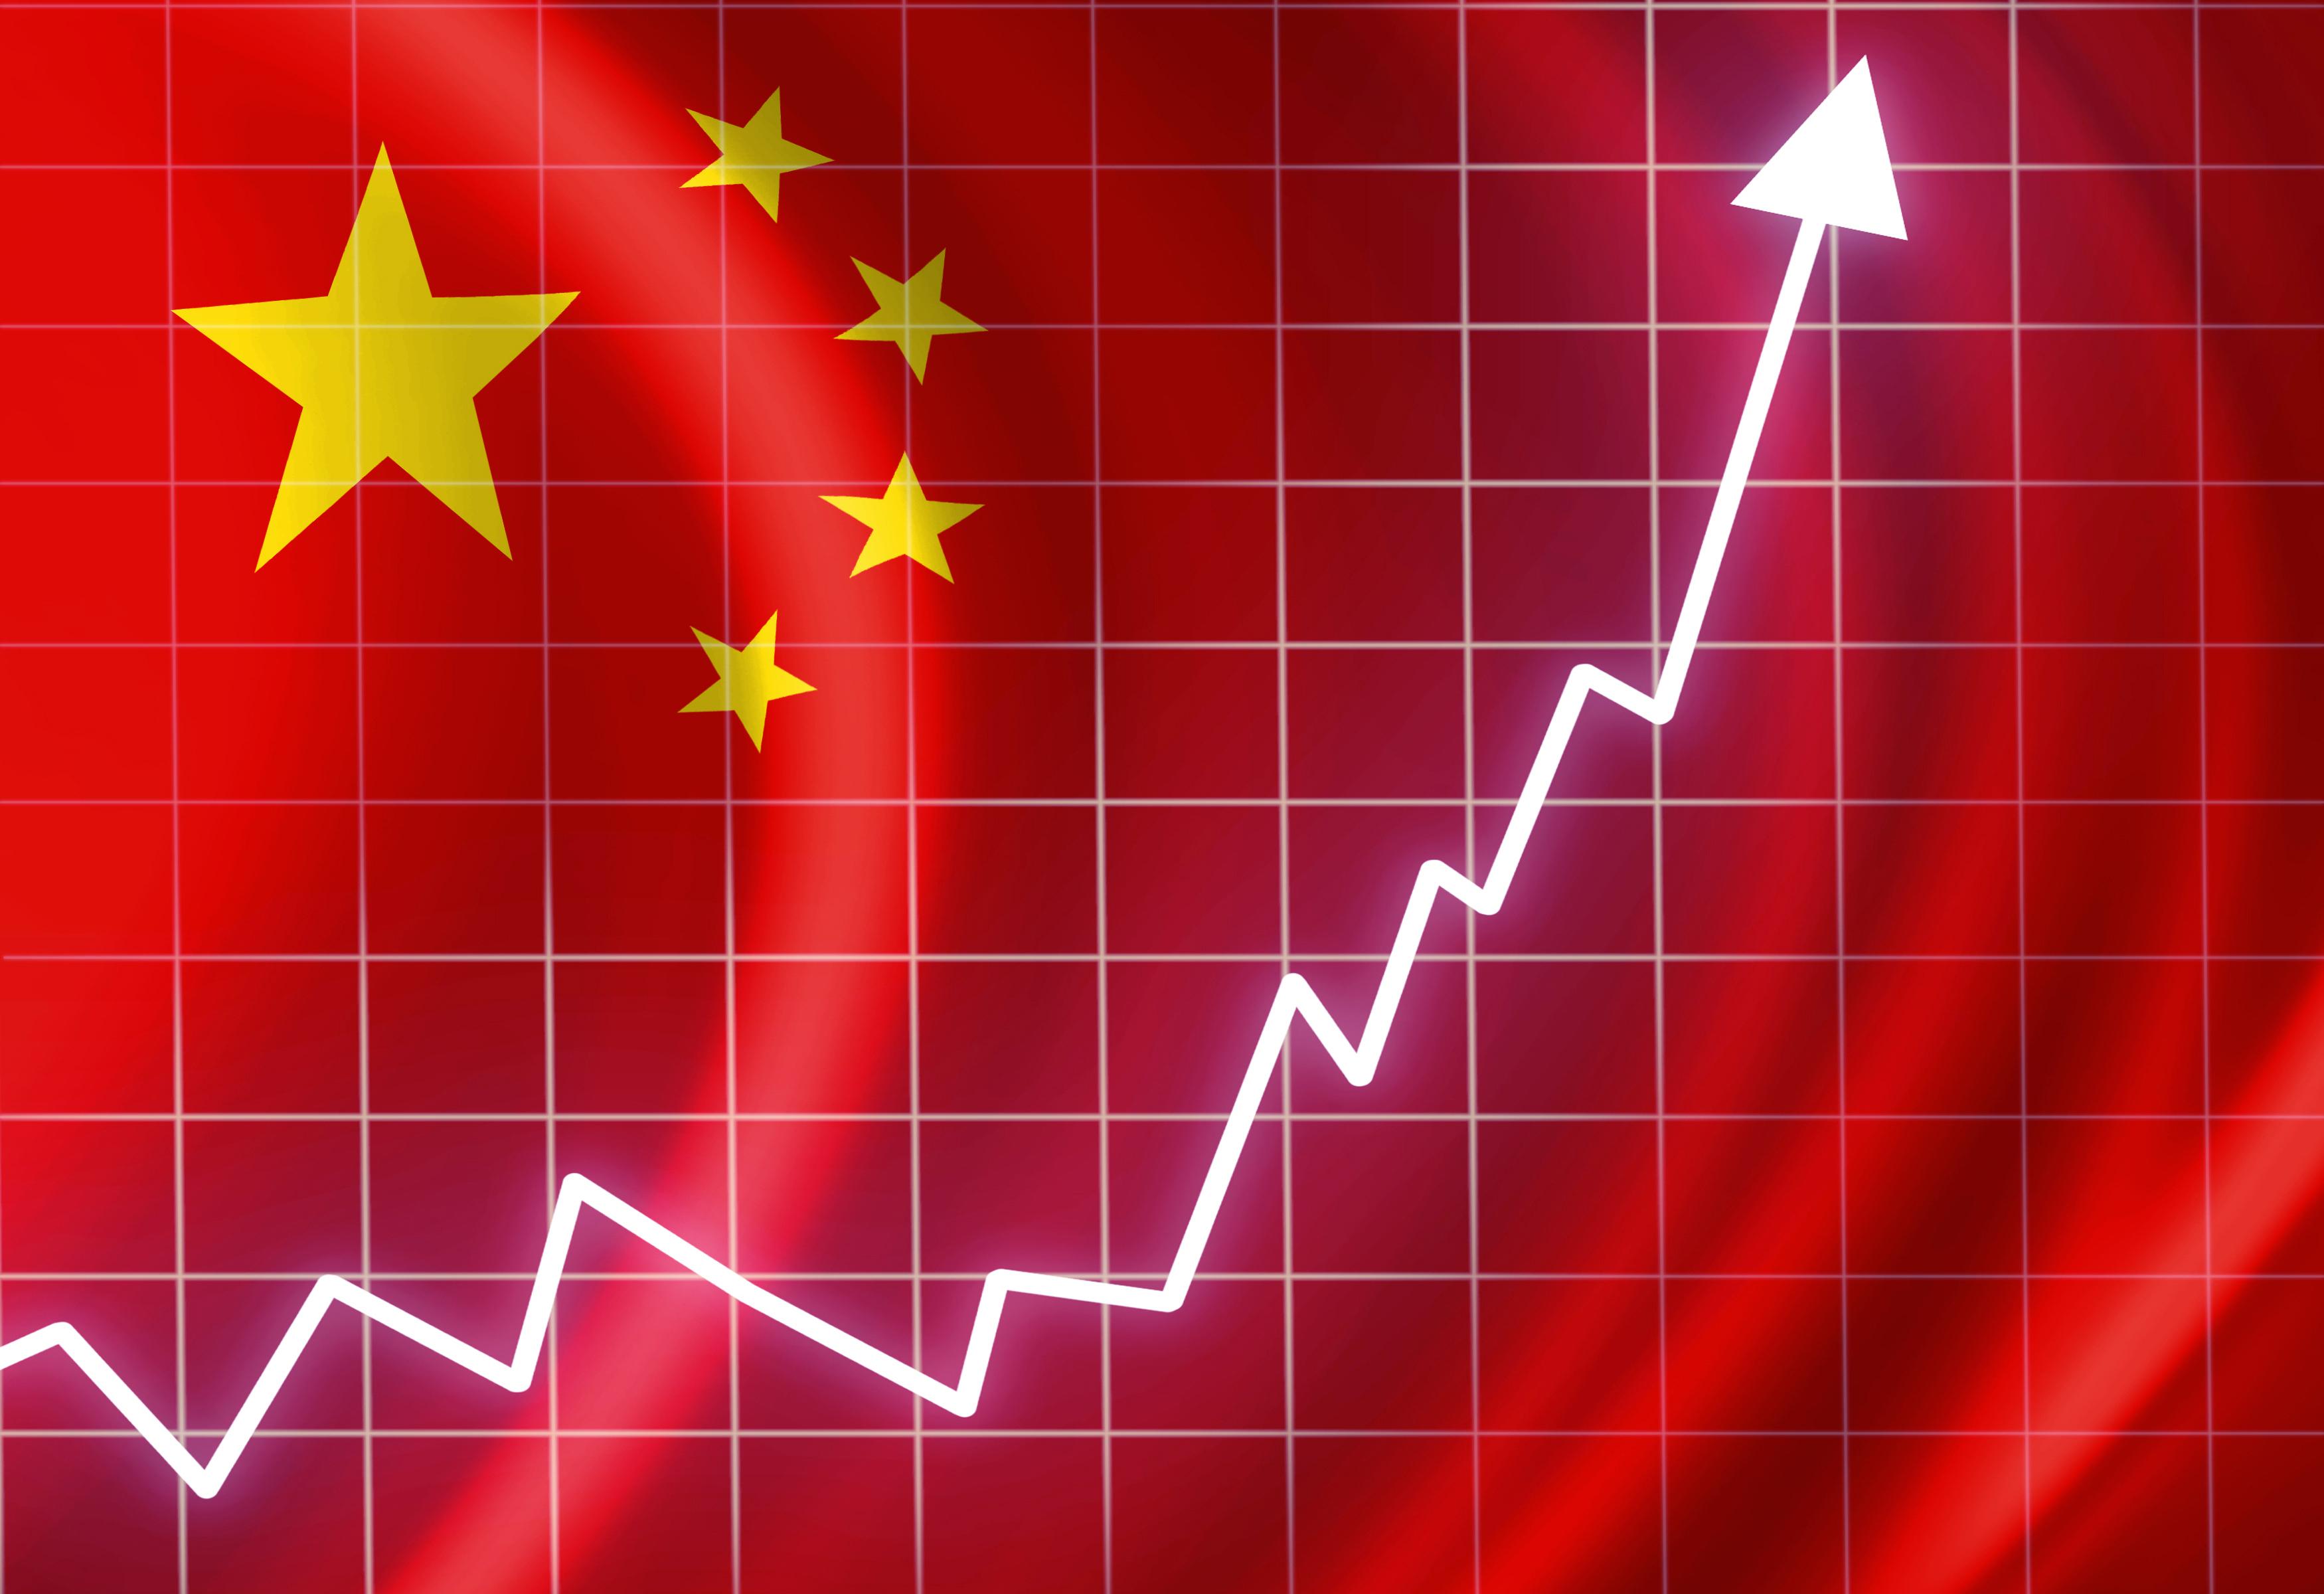 Çin ekonomisi büyüme beklentilerini aştı